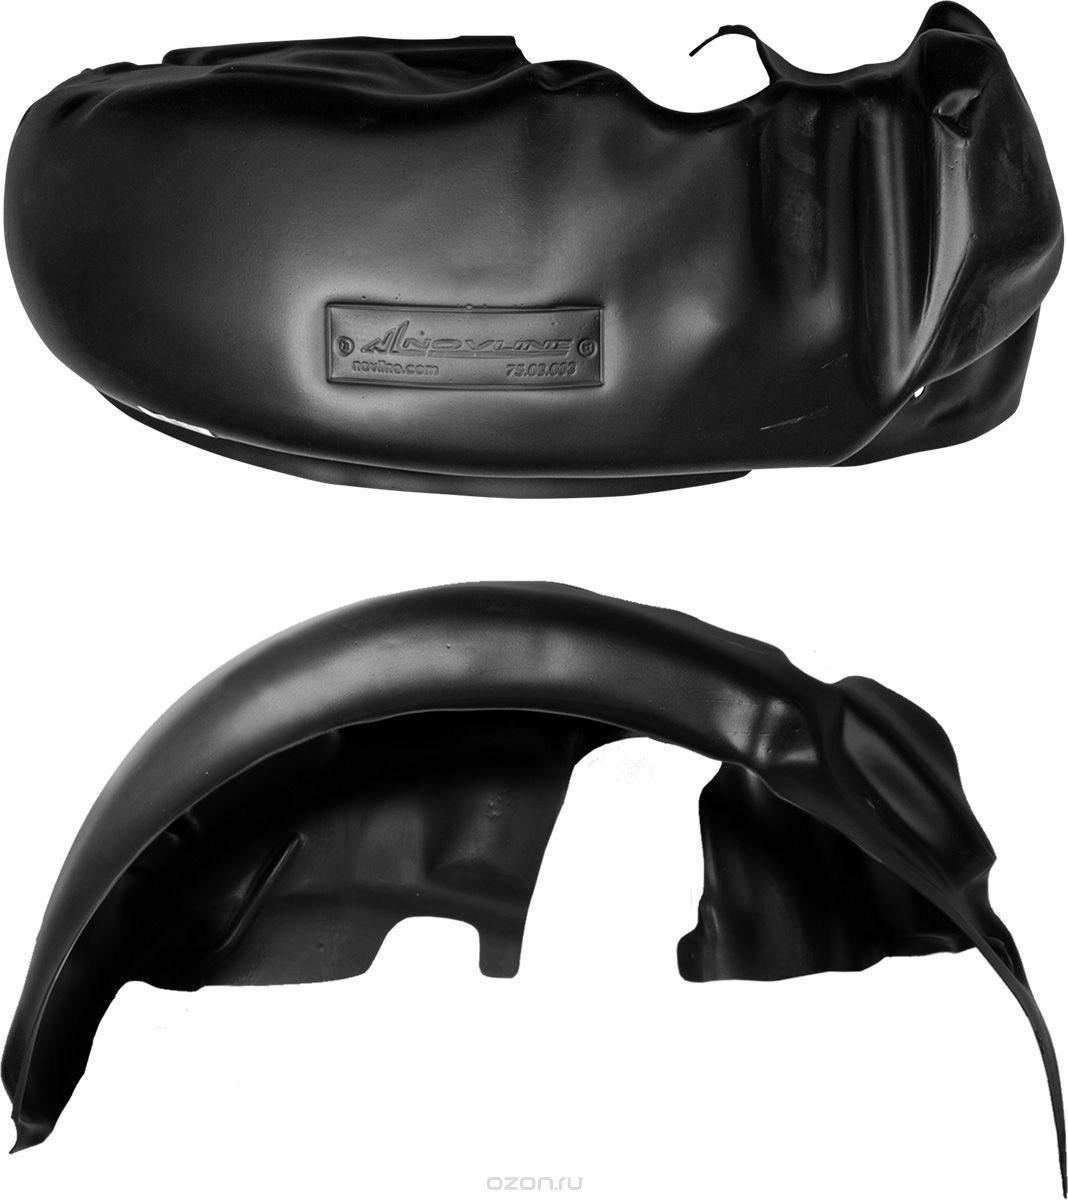 Подкрылок Novline-Autofamily, для MITSUBISHI Outlander XL 2005-2009, 2009-2012, передний правыйVCA-00Идеальная защита колесной ниши. Локеры разработаны с применением цифровых технологий, гарантируют максимальную повторяемость поверхности арки. Изделия устанавливаются без нарушения лакокрасочного покрытия автомобиля, каждый подкрылок комплектуется крепежом. Уважаемые клиенты, обращаем ваше внимание, что фотографии на подкрылки универсальные и не отражают реальную форму изделия. При этом само изделие идет точно под размер указанного автомобиля.